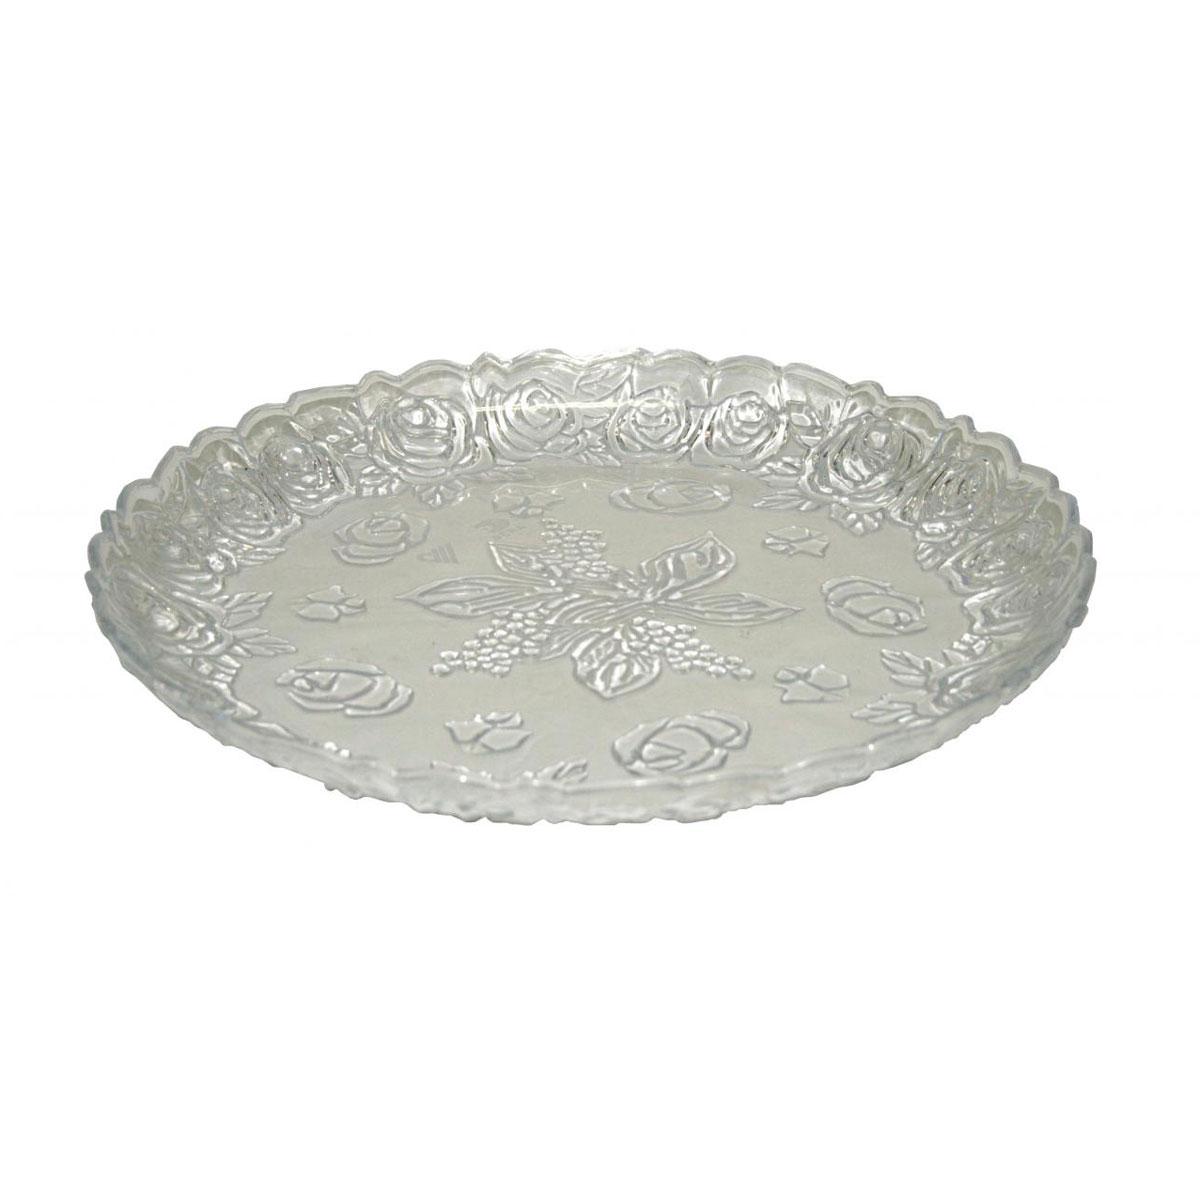 Поднос Альтернатива Изобилие, цвет: прозрачный, диаметр 35 смМ554Поднос Альтернатива Изобилие, выполненный из пластика, станет незаменимым предметом для сервировки стола. Внешние стенки подноса оформлены объемными цветочными узорами. Края подноса фигурные.Красочный дизайн подноса придаст оригинальность и яркость любой кухне или столовой. Поднос уместит на себе достаточно много продуктов и предохранит поверхность стола от грязи и перегрева.Диаметр подноса: 35 см.Высота подноса: 4 см.